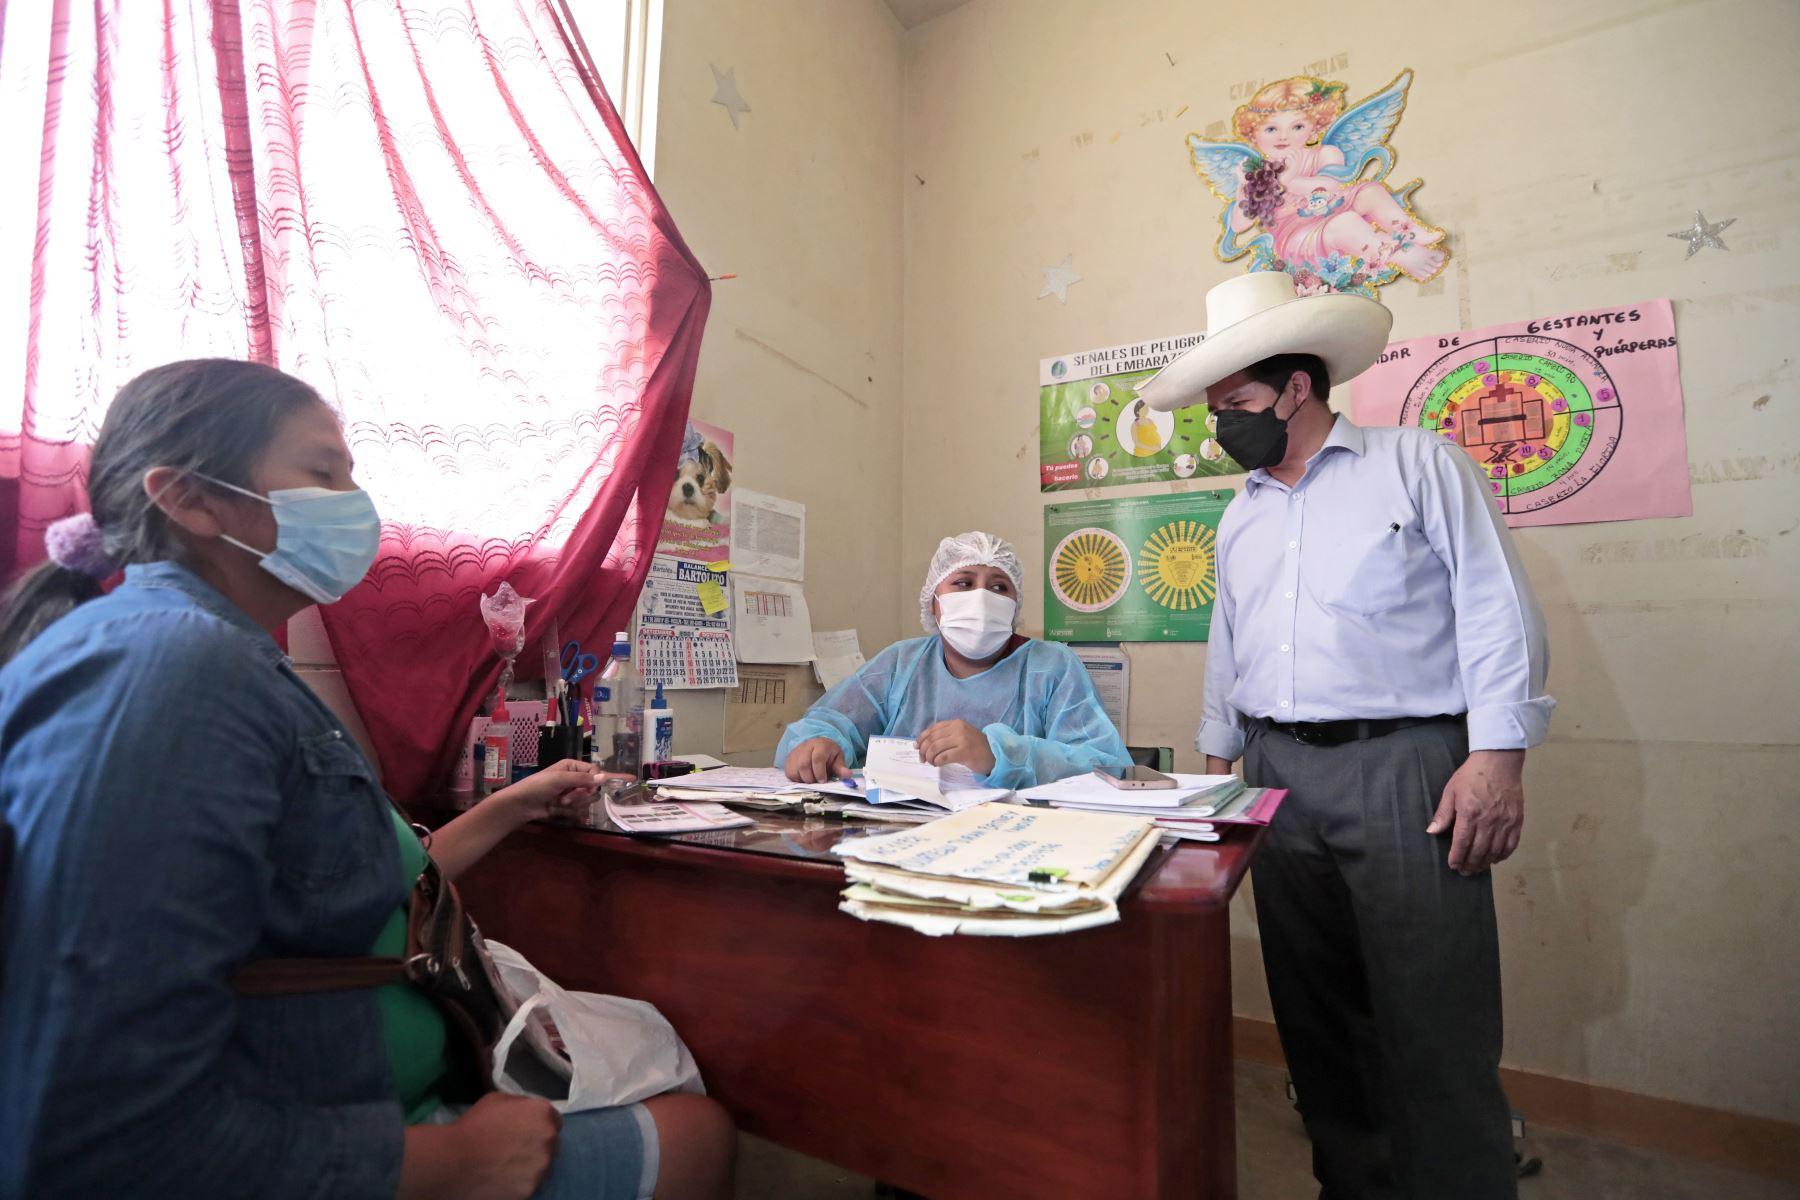 El presidente de la República, Pedro Castillo, visitó el Centro de Salud de Curimaná y del Colegio Secundario de la provincia Padre Abad, región Ucayali. Foto: ANDINA/ Prensa Presidencia